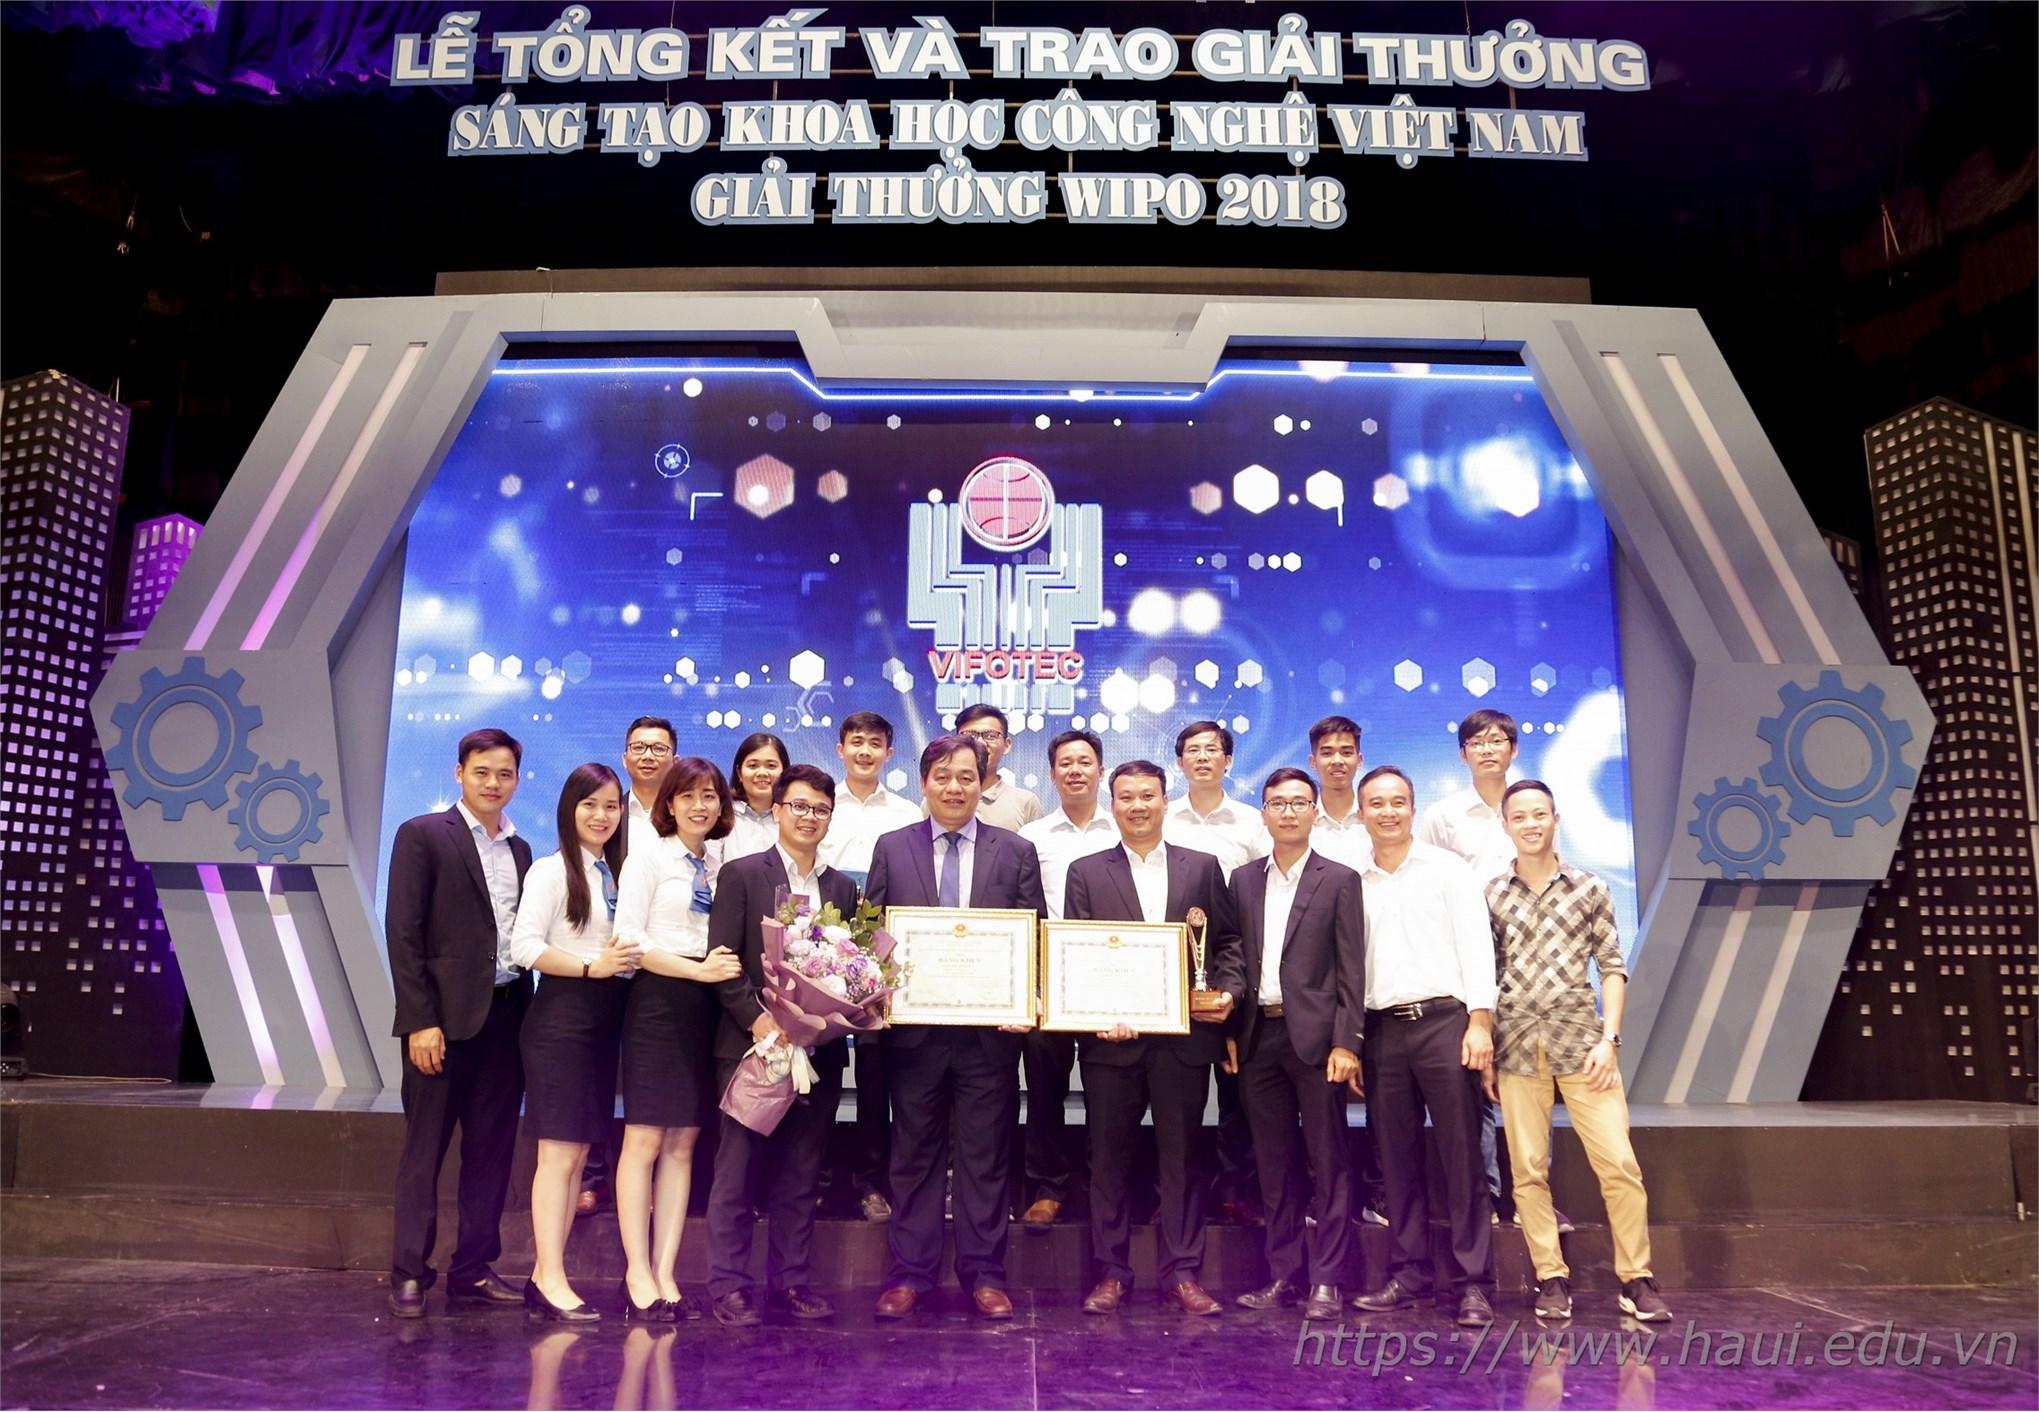 Trường Đại học Công nghiệp Hà Nội đạt giải Nhì - Giải thưởng Sáng tạo Khoa học Công nghệ Việt Nam năm 2018